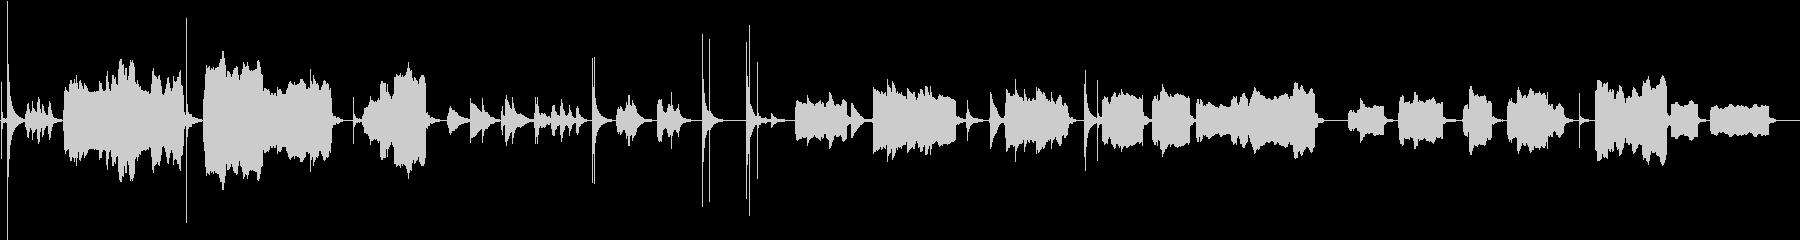 【禅】尺八、琴メインの静かな和BGMの未再生の波形